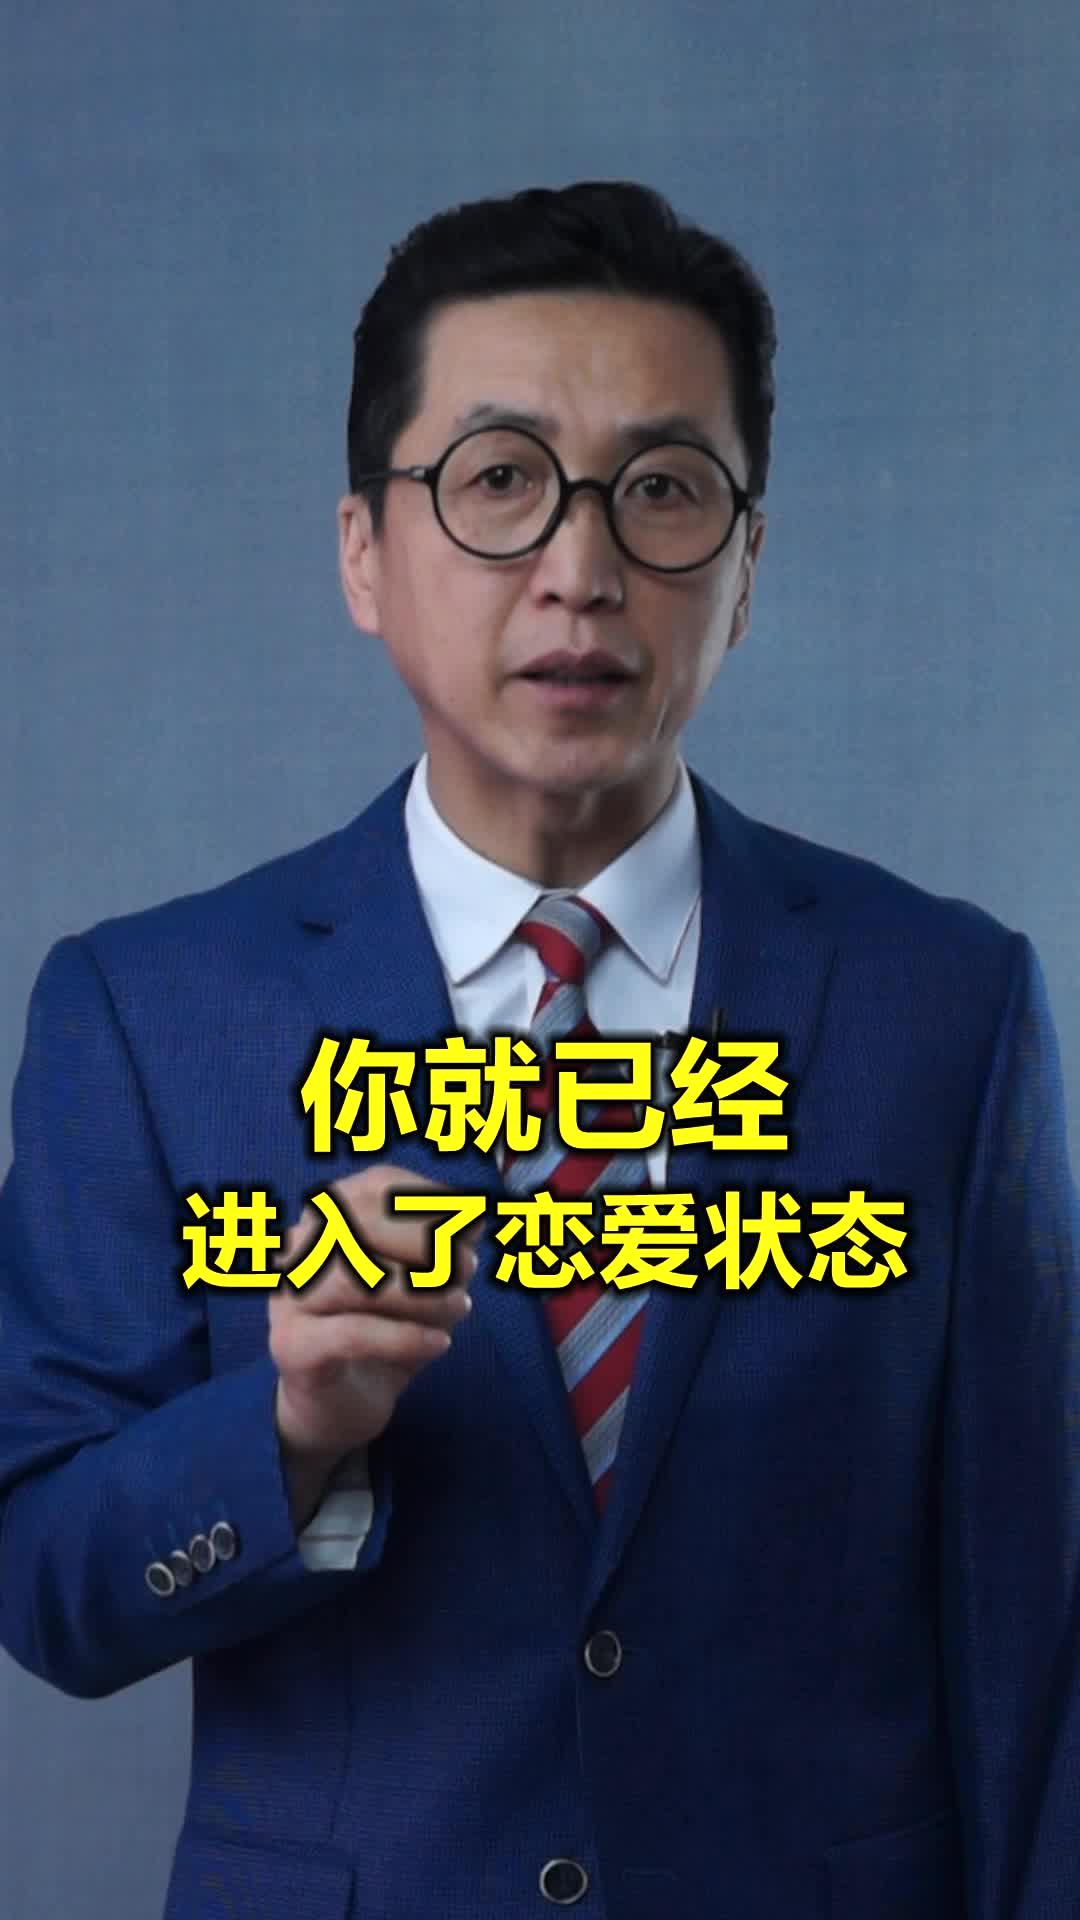 卢炫吉脱口秀2021第37期 男生追不到女生的五种行为?